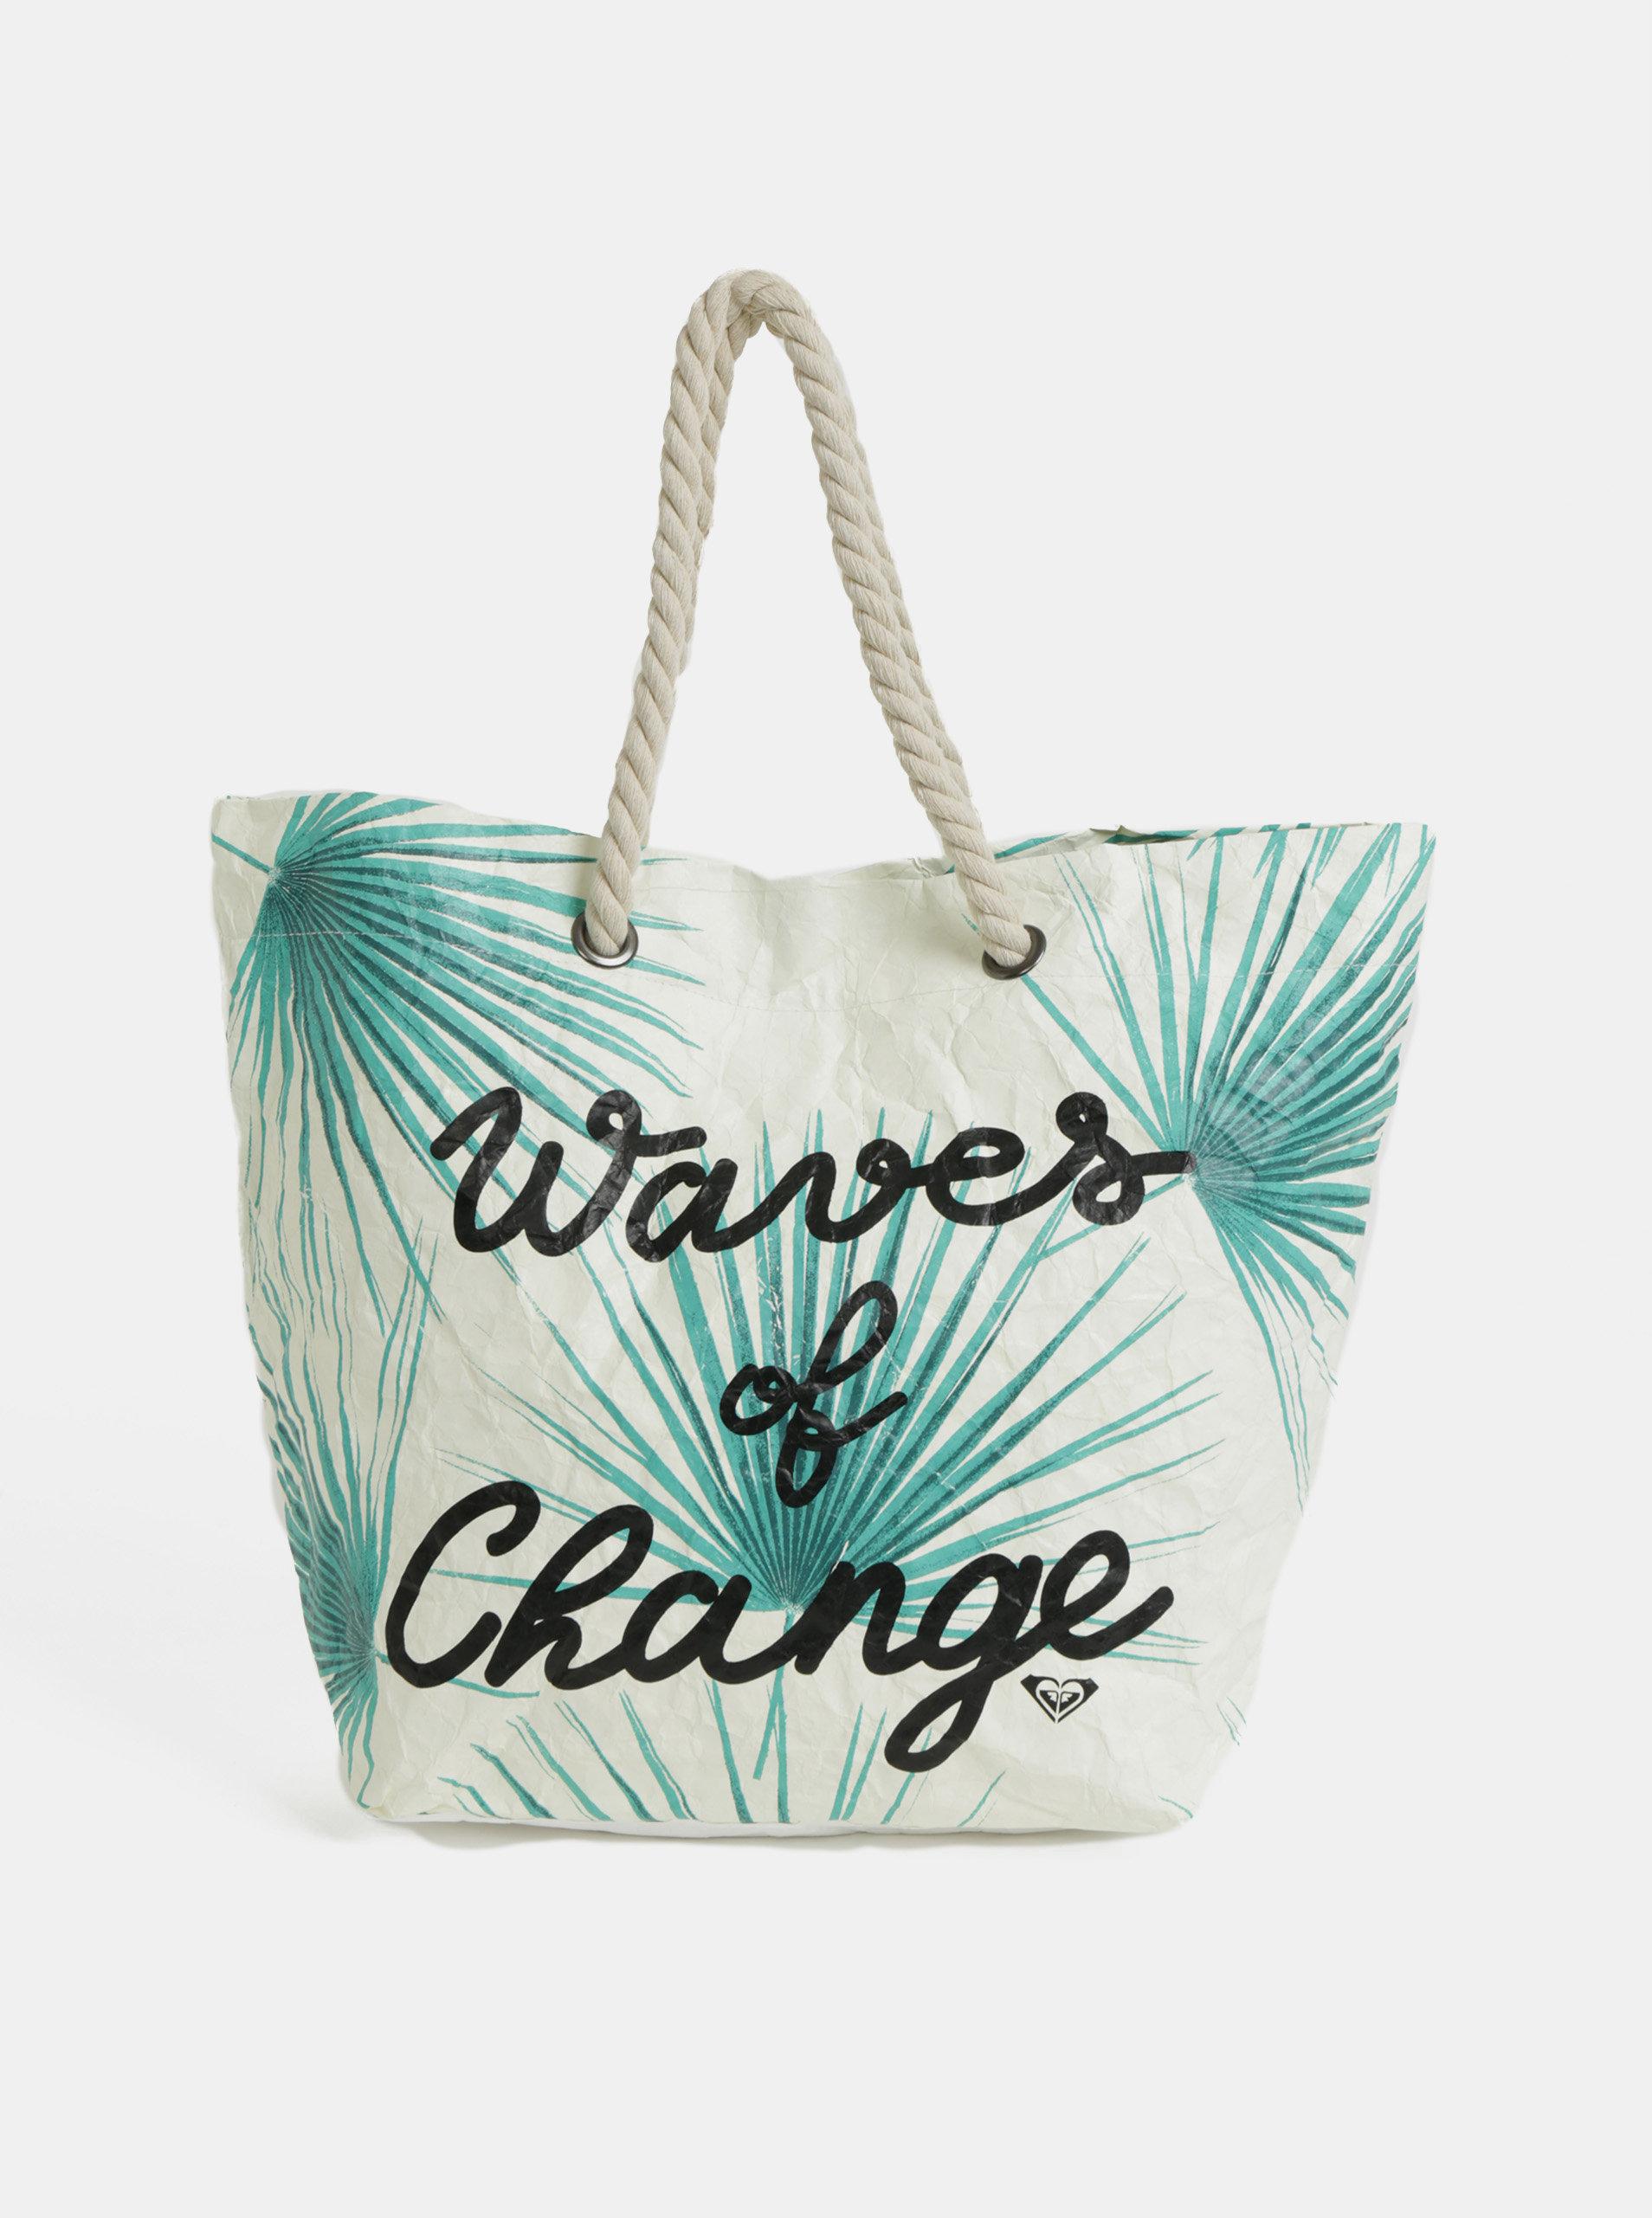 Krémová papírová plážová taška s tropickým vzorem Roxy Waves of Change